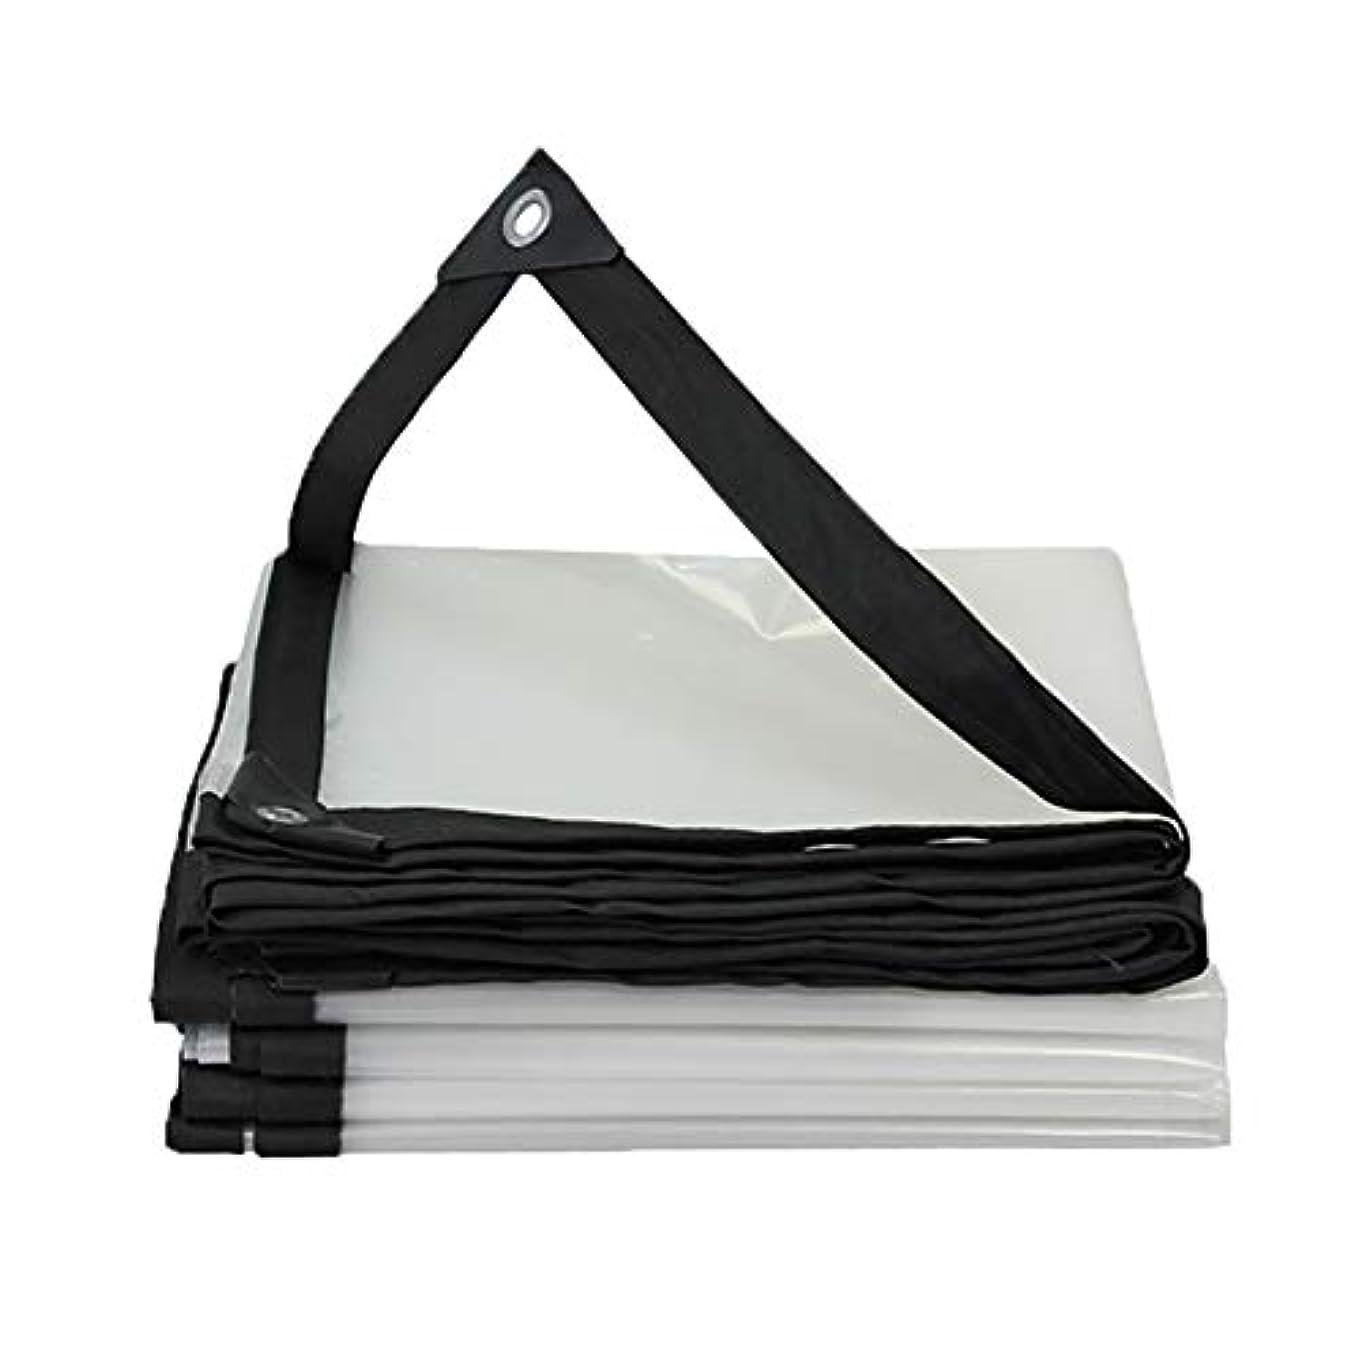 破裂ピース暗唱するSHYPwM 防水防水シート、透明な日よけ、バルコニー窓の防水防水ポンチョの家庭用多目的テント、120 G/平方メートル (サイズ さいず : 2x6m)